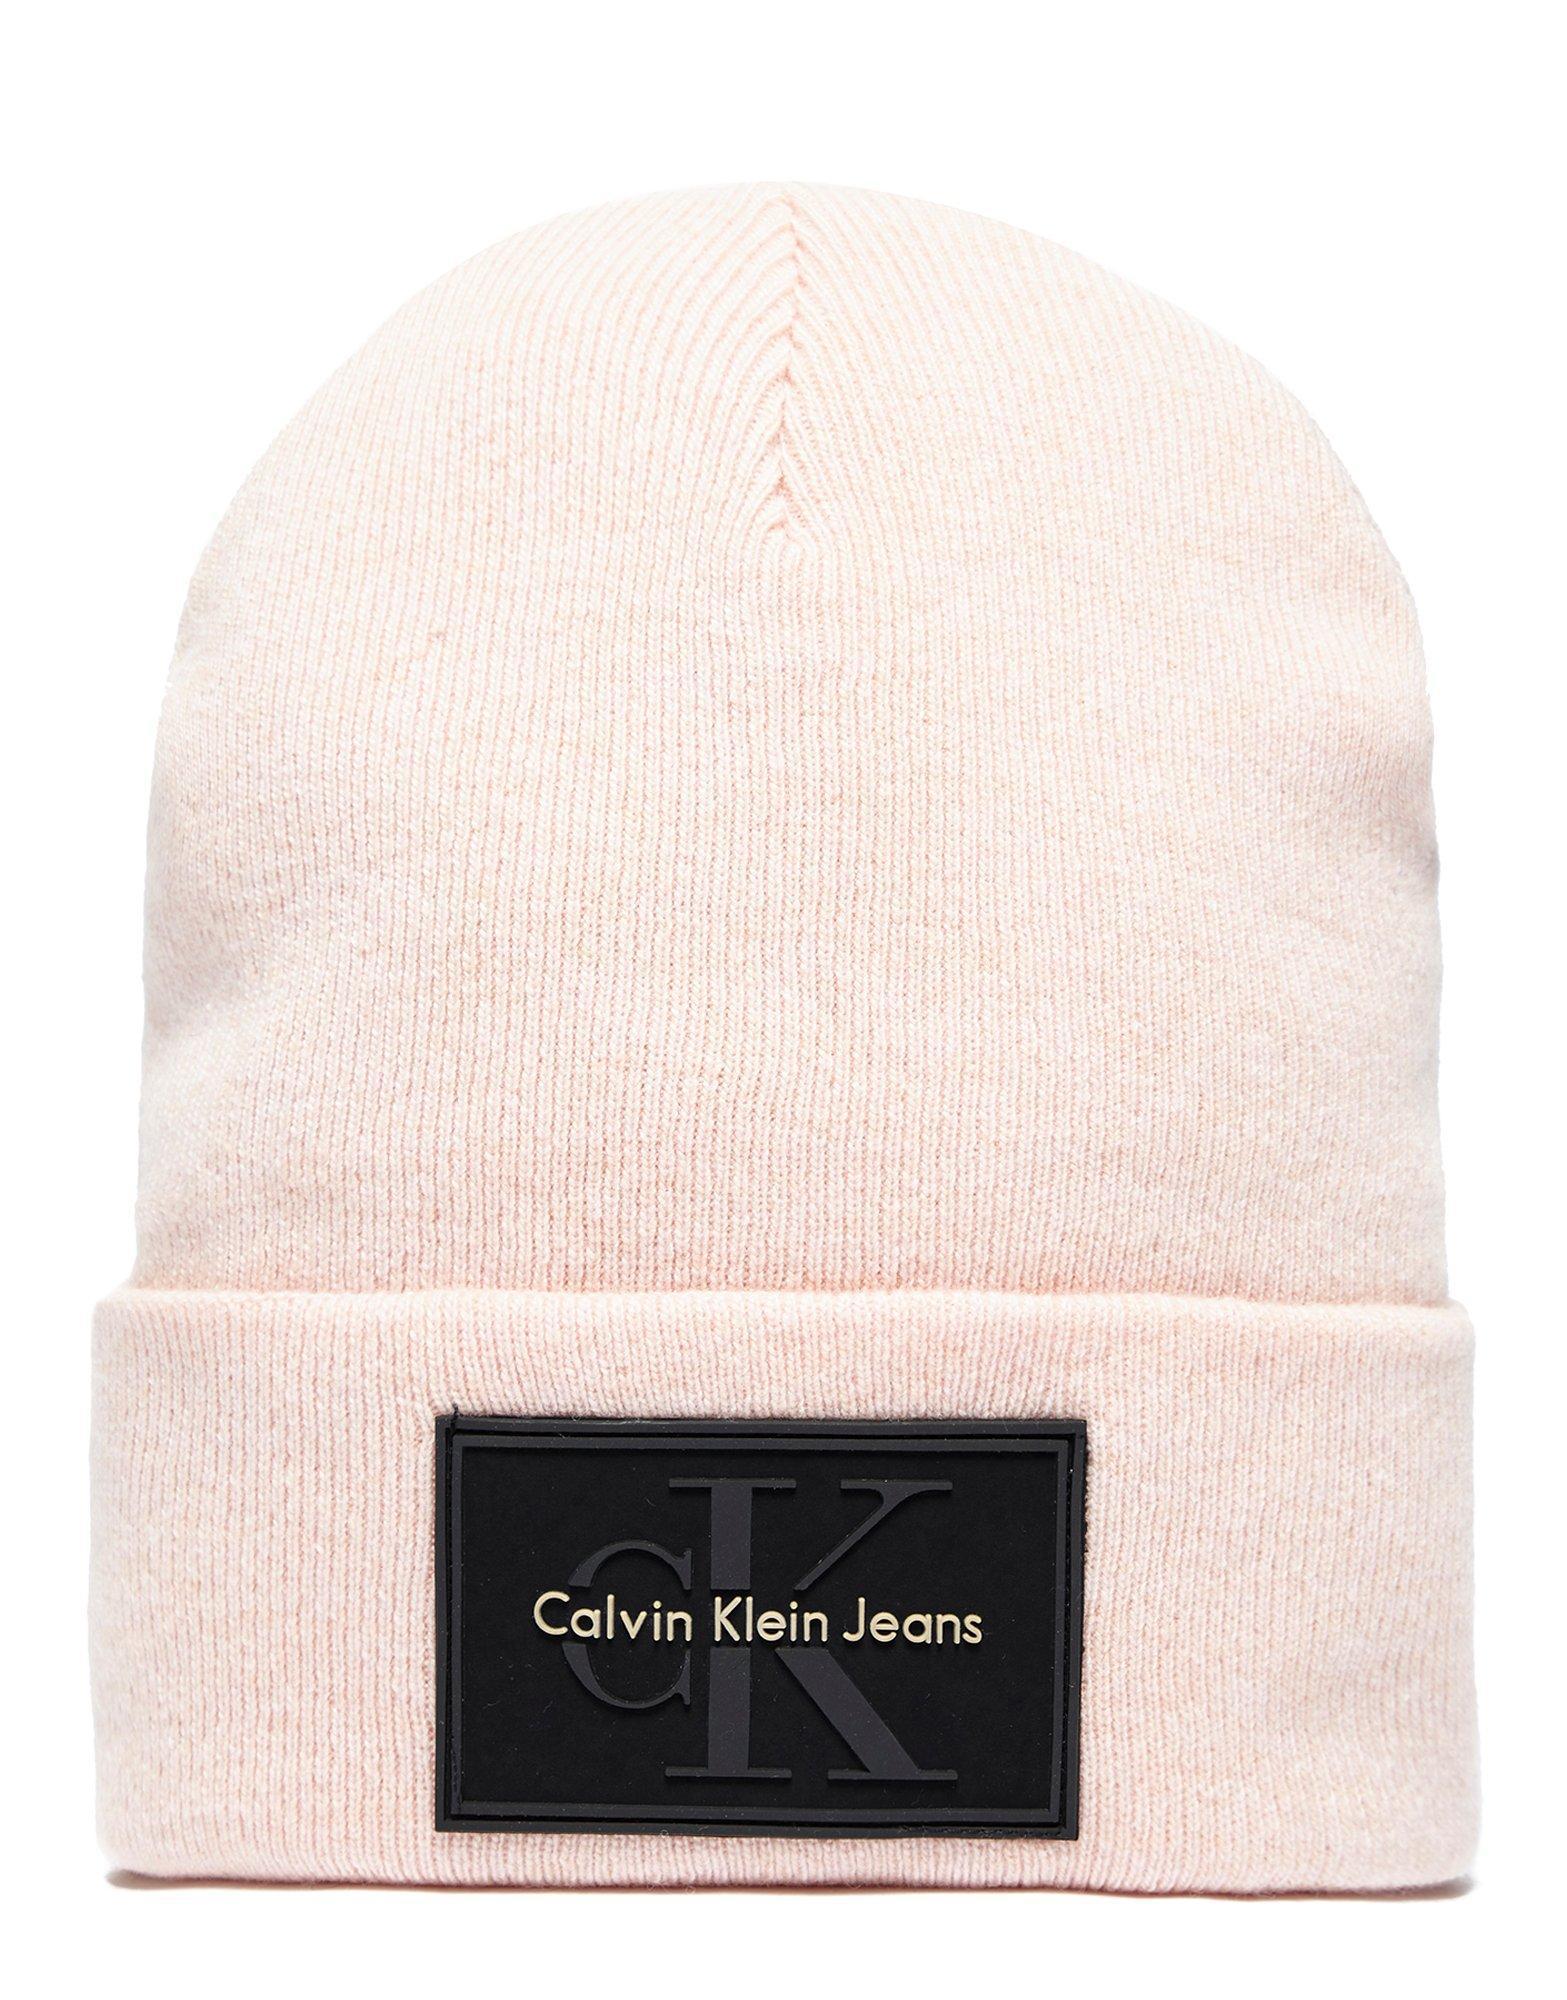 febc73119ae Calvin Klein Re-issue Beanie in Pink for Men - Lyst